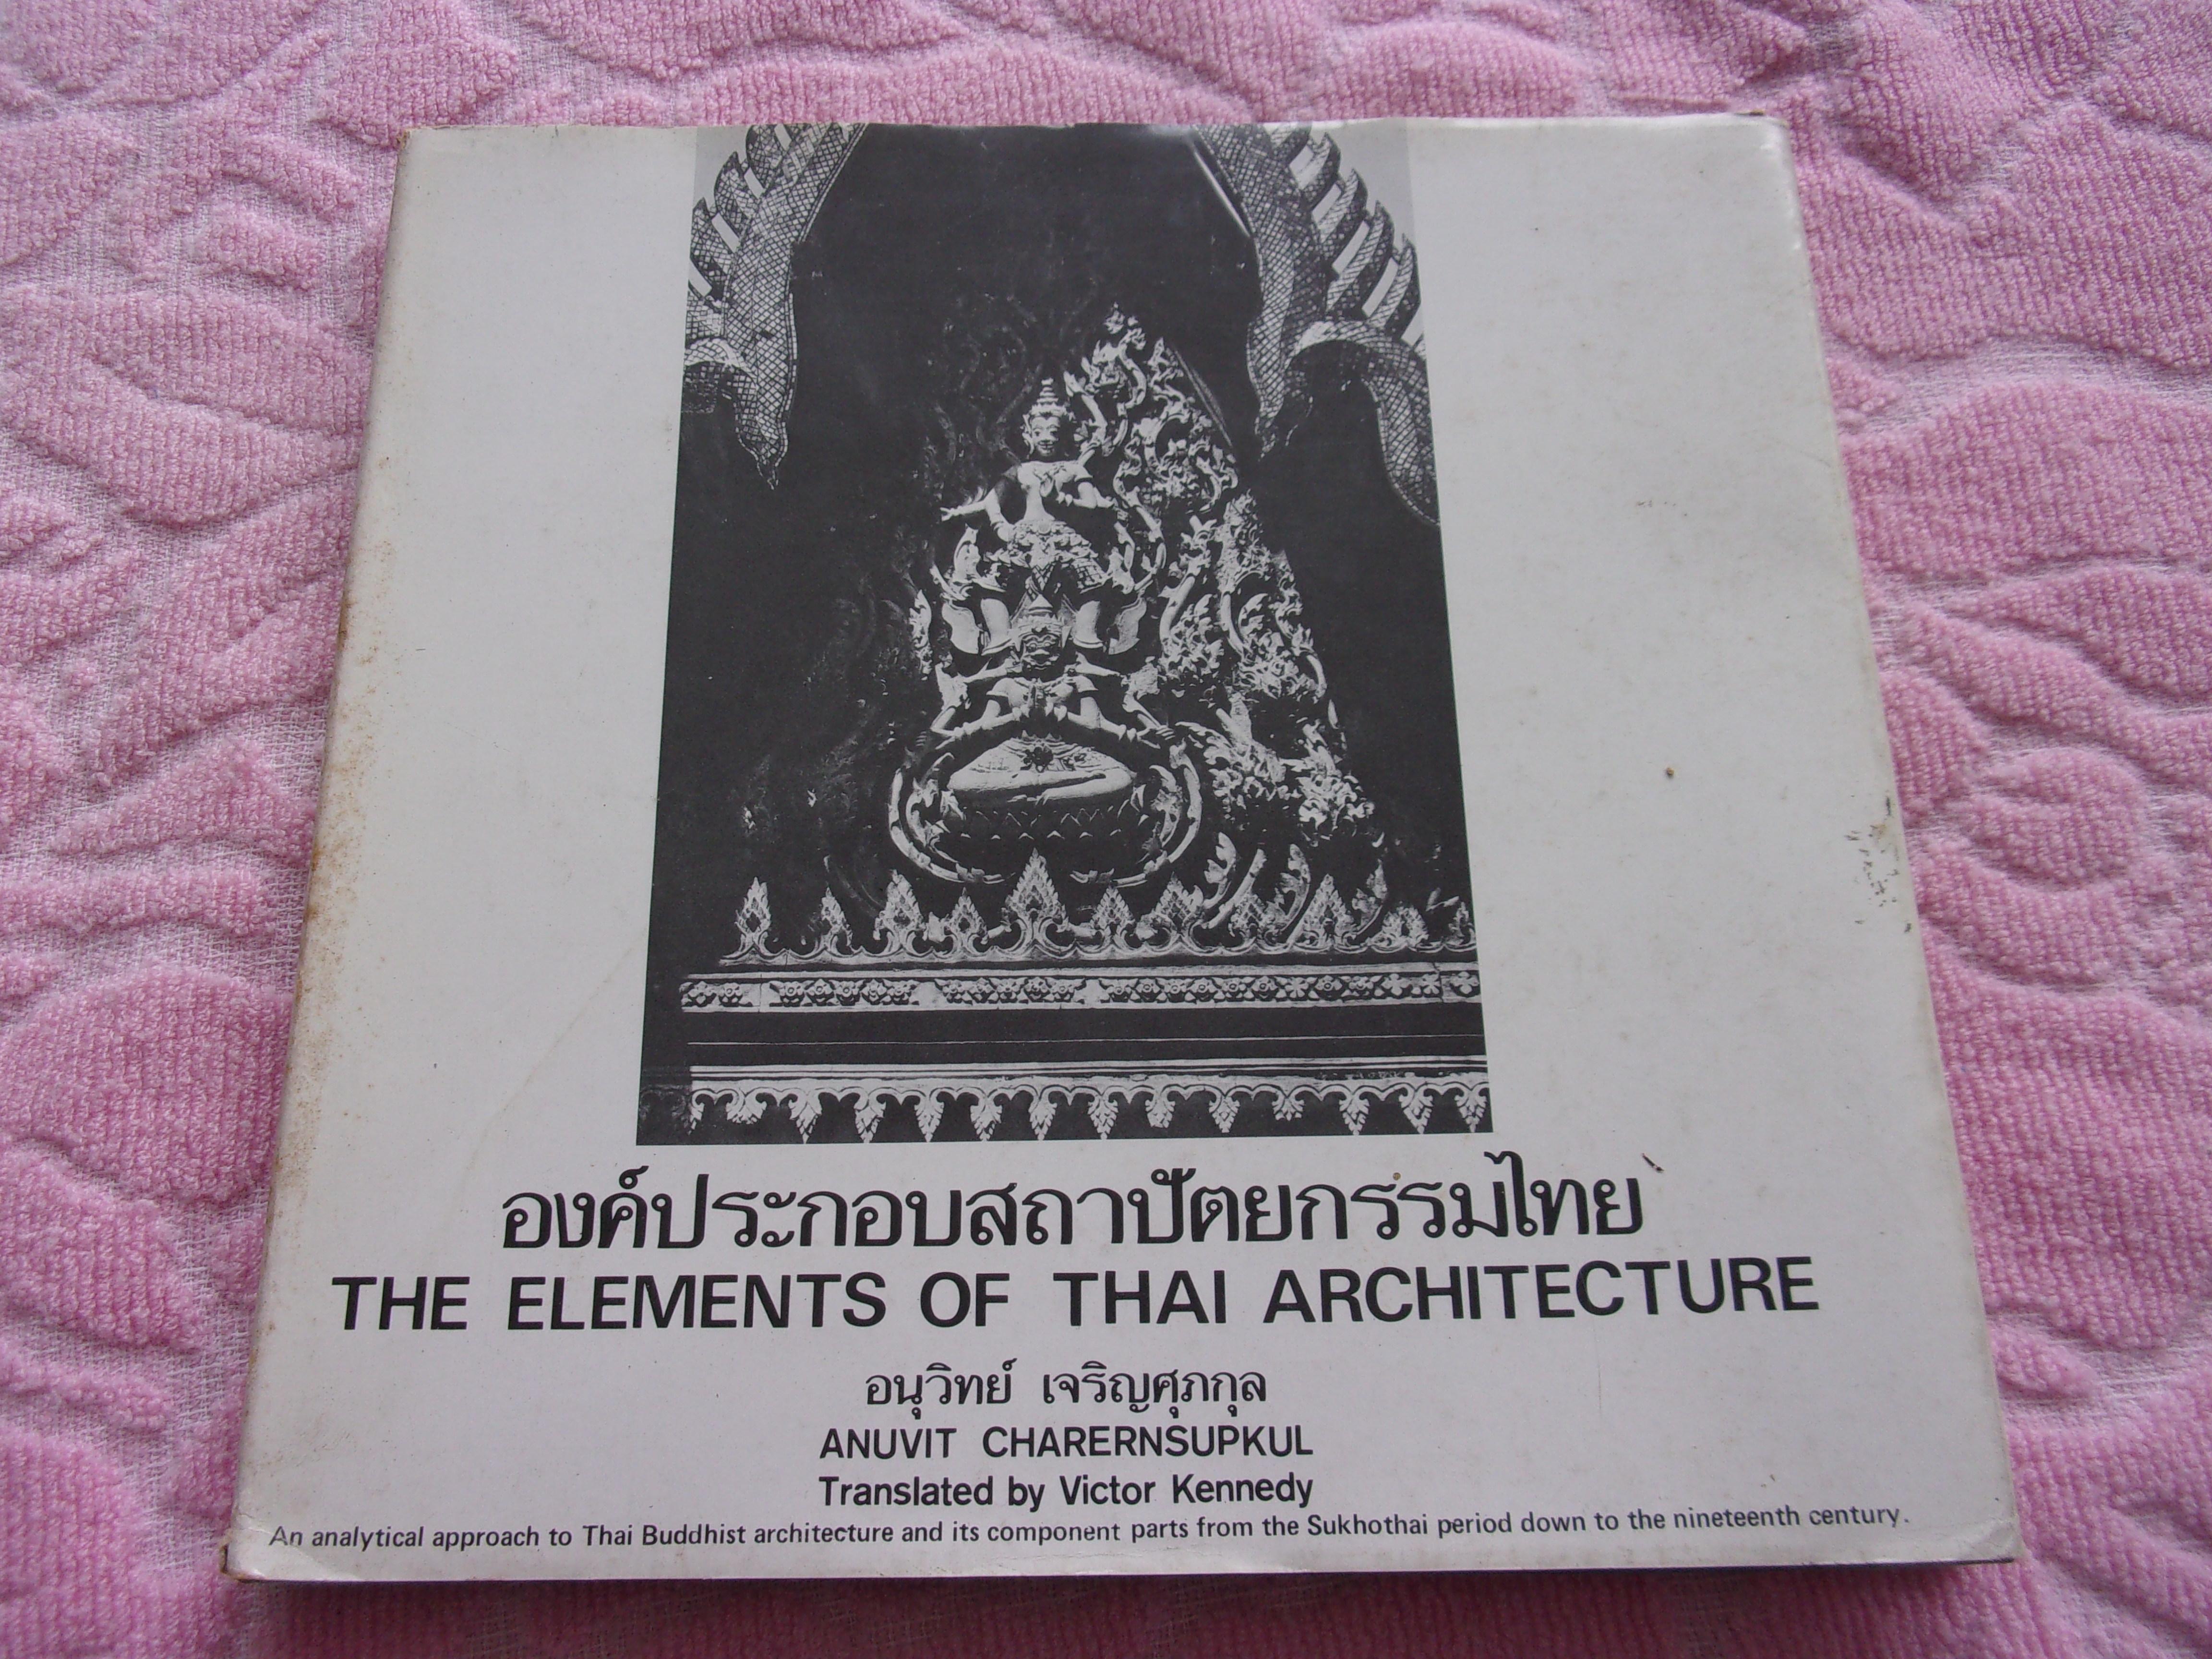 """""""องค์ประกอบสถาปัตยกรรมไทย"""" ฉบับ2ภาษา โดย อนุวิทย์ เจริญศุภกุล กว้าง24.5ยาว25ซม. มี142หน้าปี2521(ปกแข็ง)"""